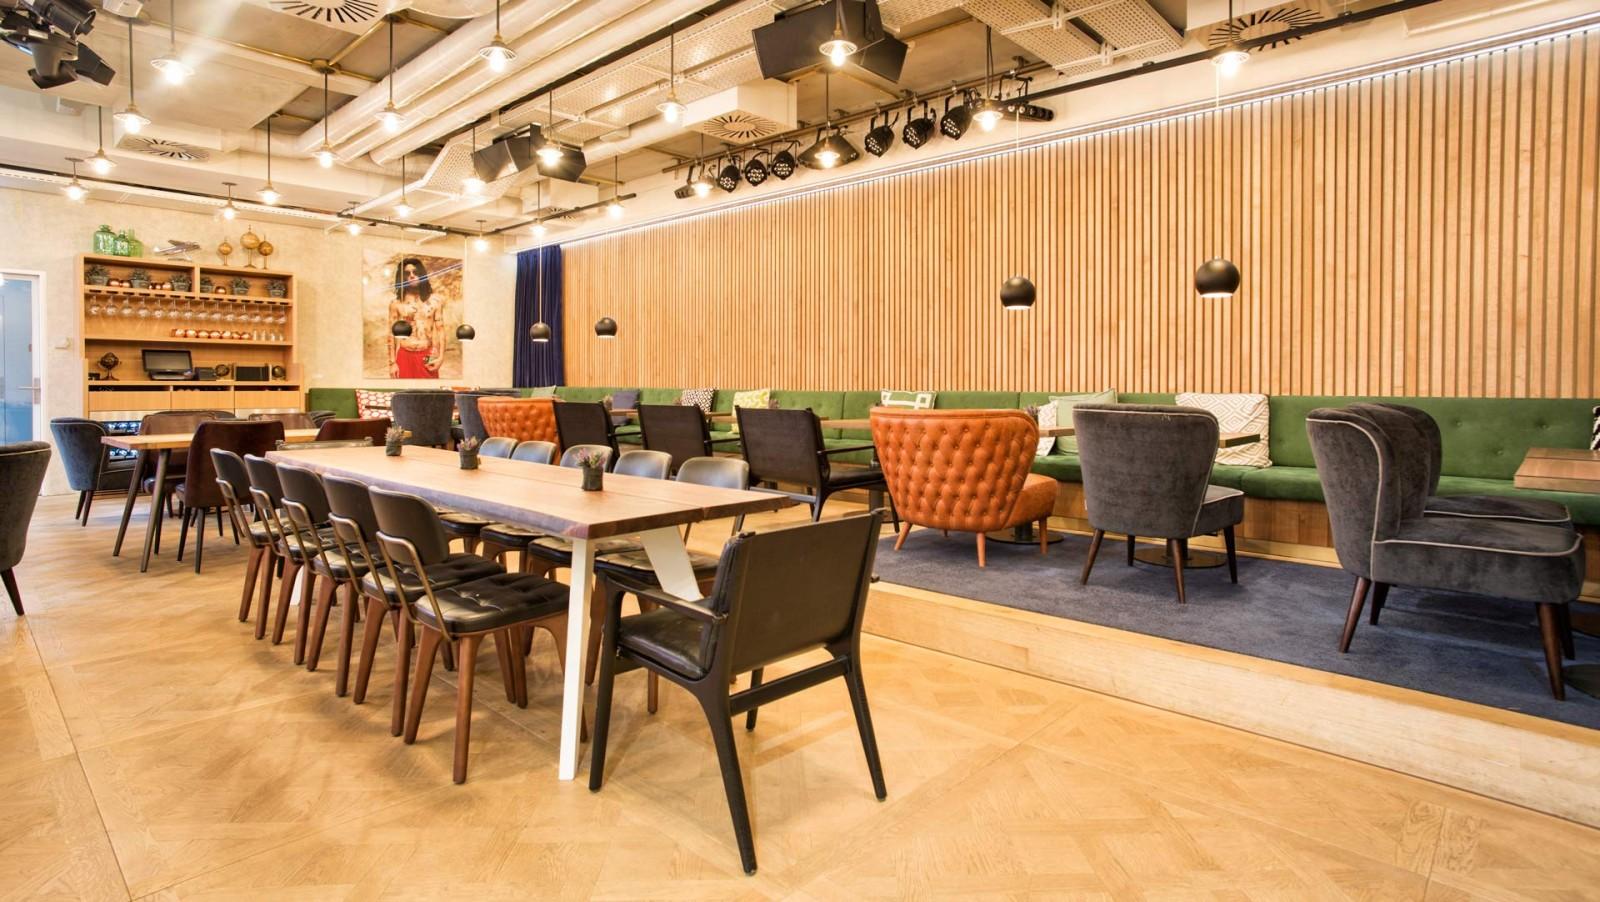 Dyer Smith Frey Interior Branding Zurich the studio dyer smith frey interior branding zurich